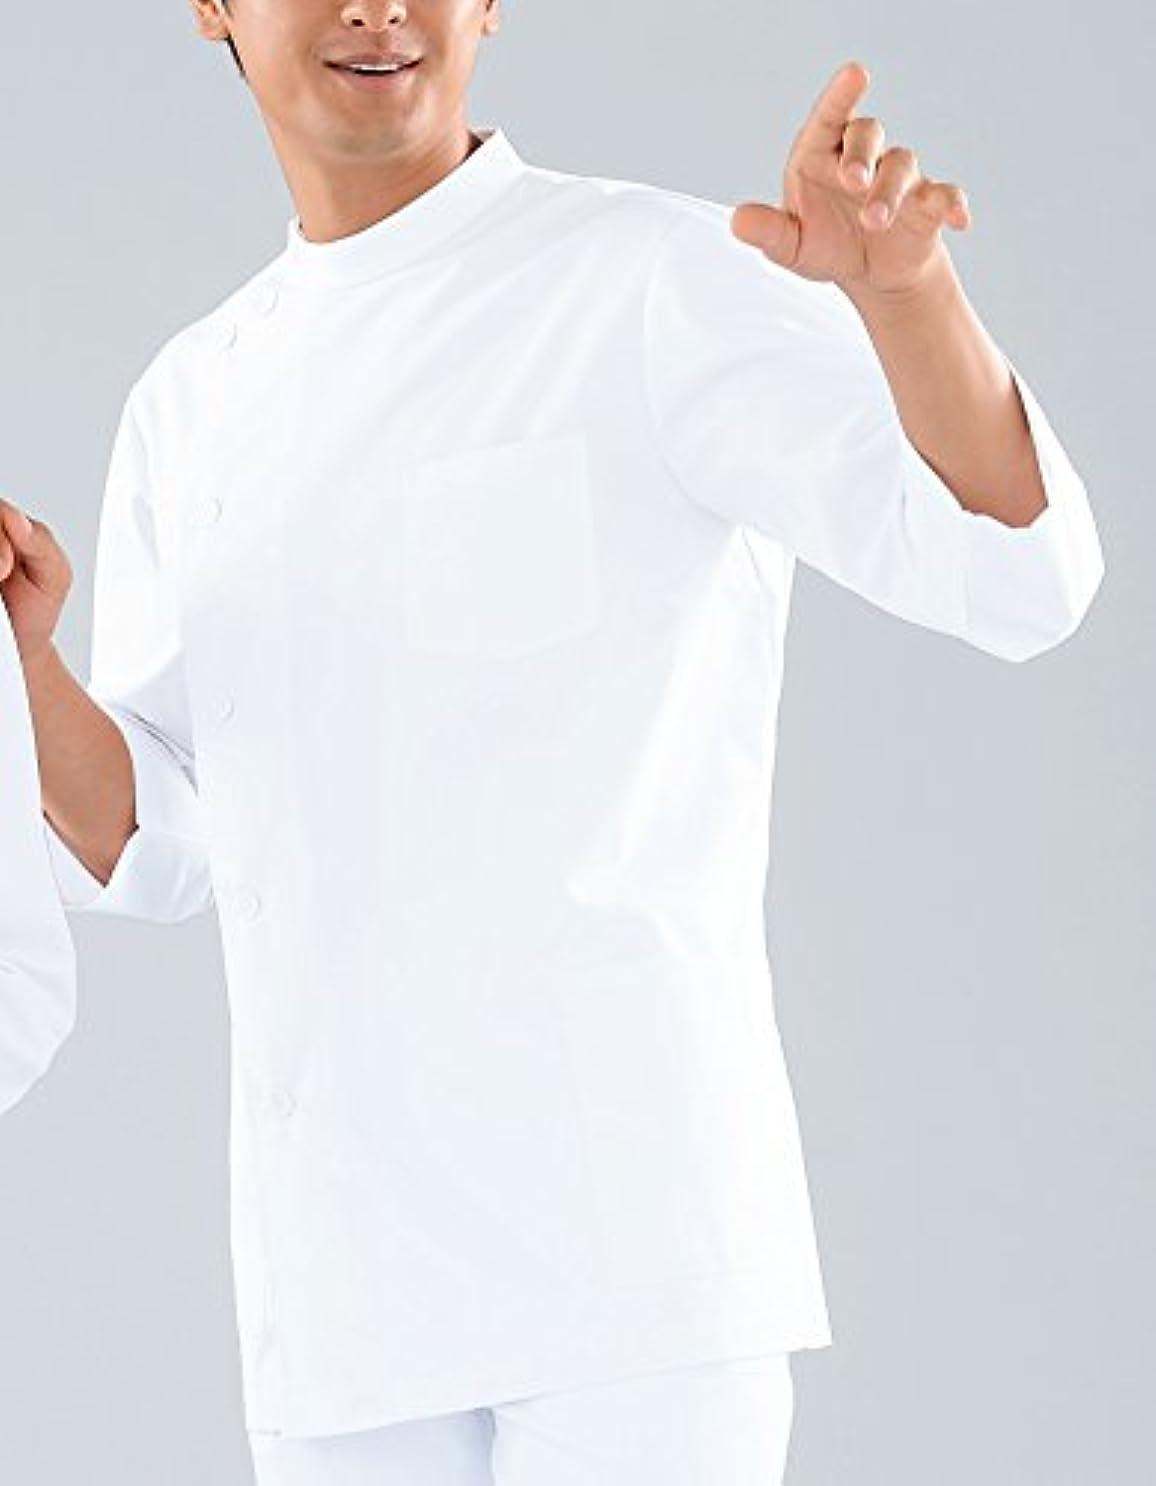 暴露する医薬事務所医療ユニフォーム カゼン メンズ医務衣 七分袖 ホワイト 4L